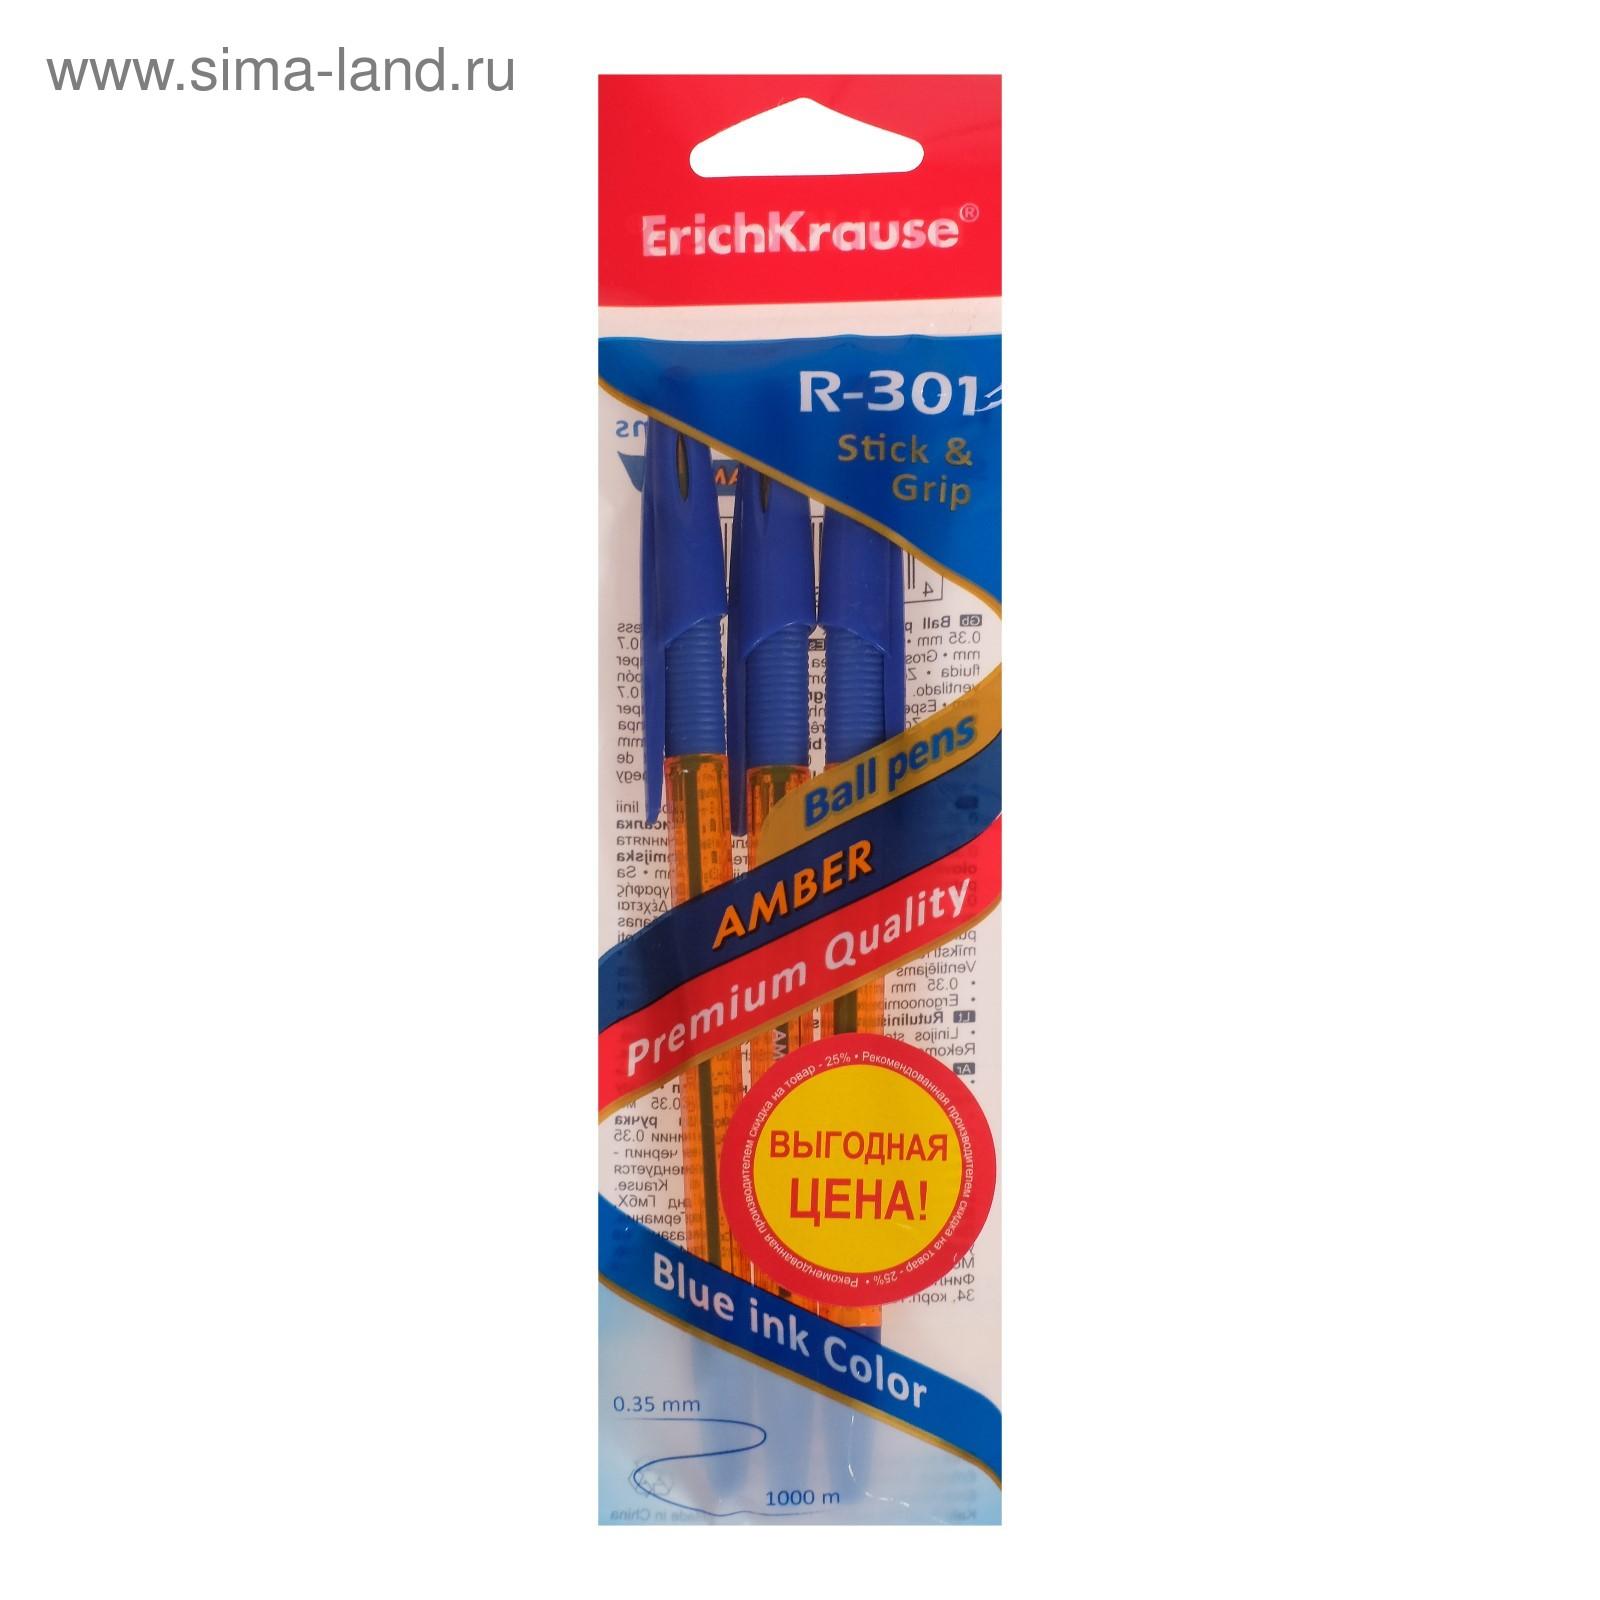 Ручка шариковая синяя EK R-301 Stick&Grip AMBER 0.7 оранжевый